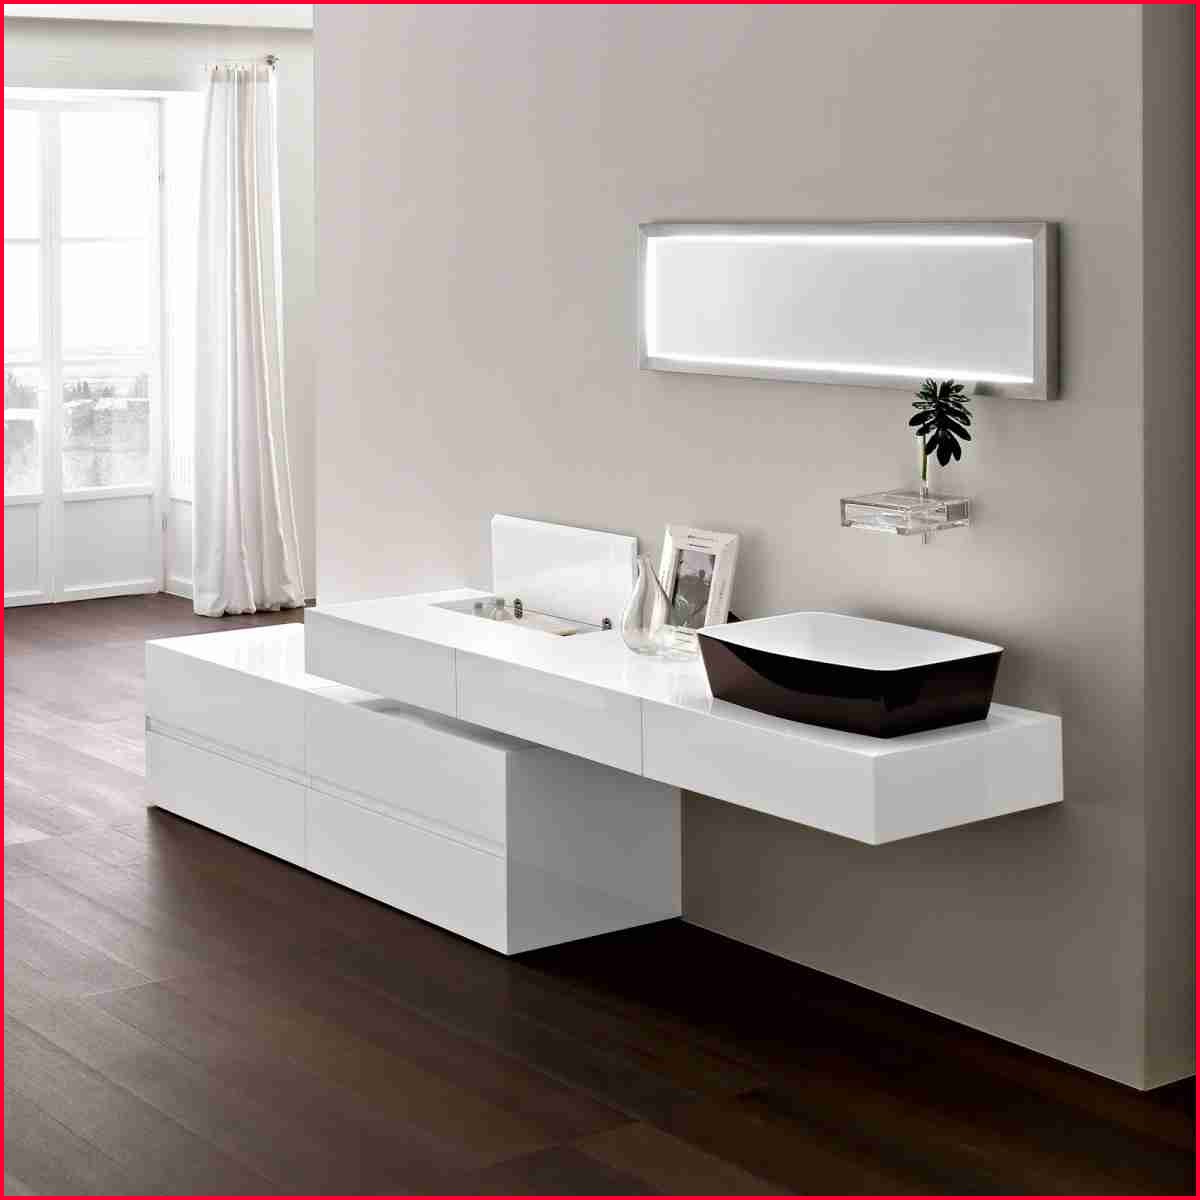 Mueble Baño Azul Txdf Mueble Baà O 2622 Magnifique Muebles De Banos Modernos Para Ba C3